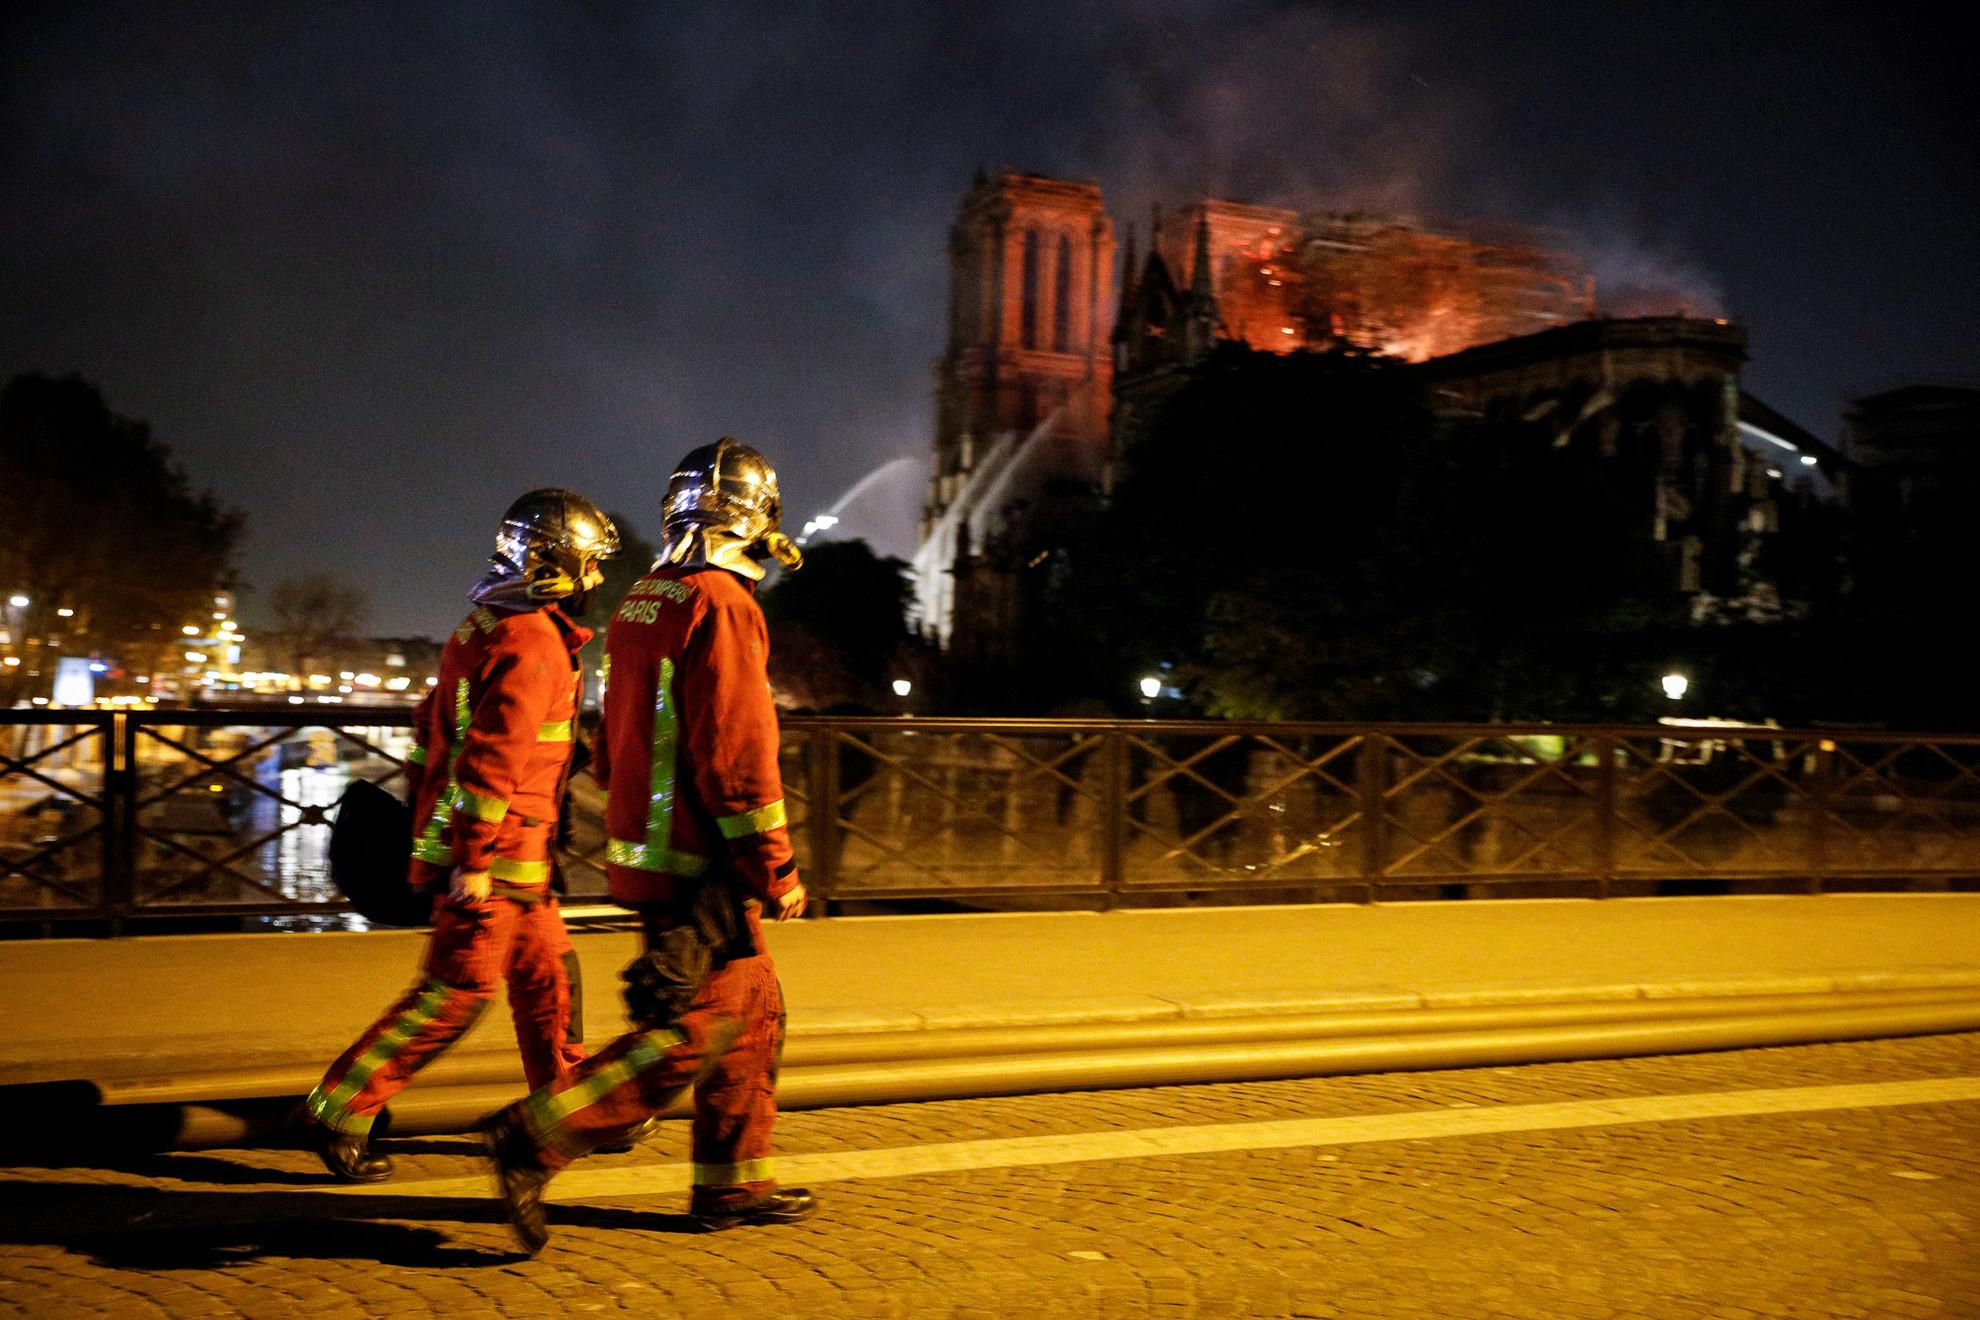 Mintegy ötszáz tűzoltó kitartó munkája révén azonban sikerült megfékezni a lángokat